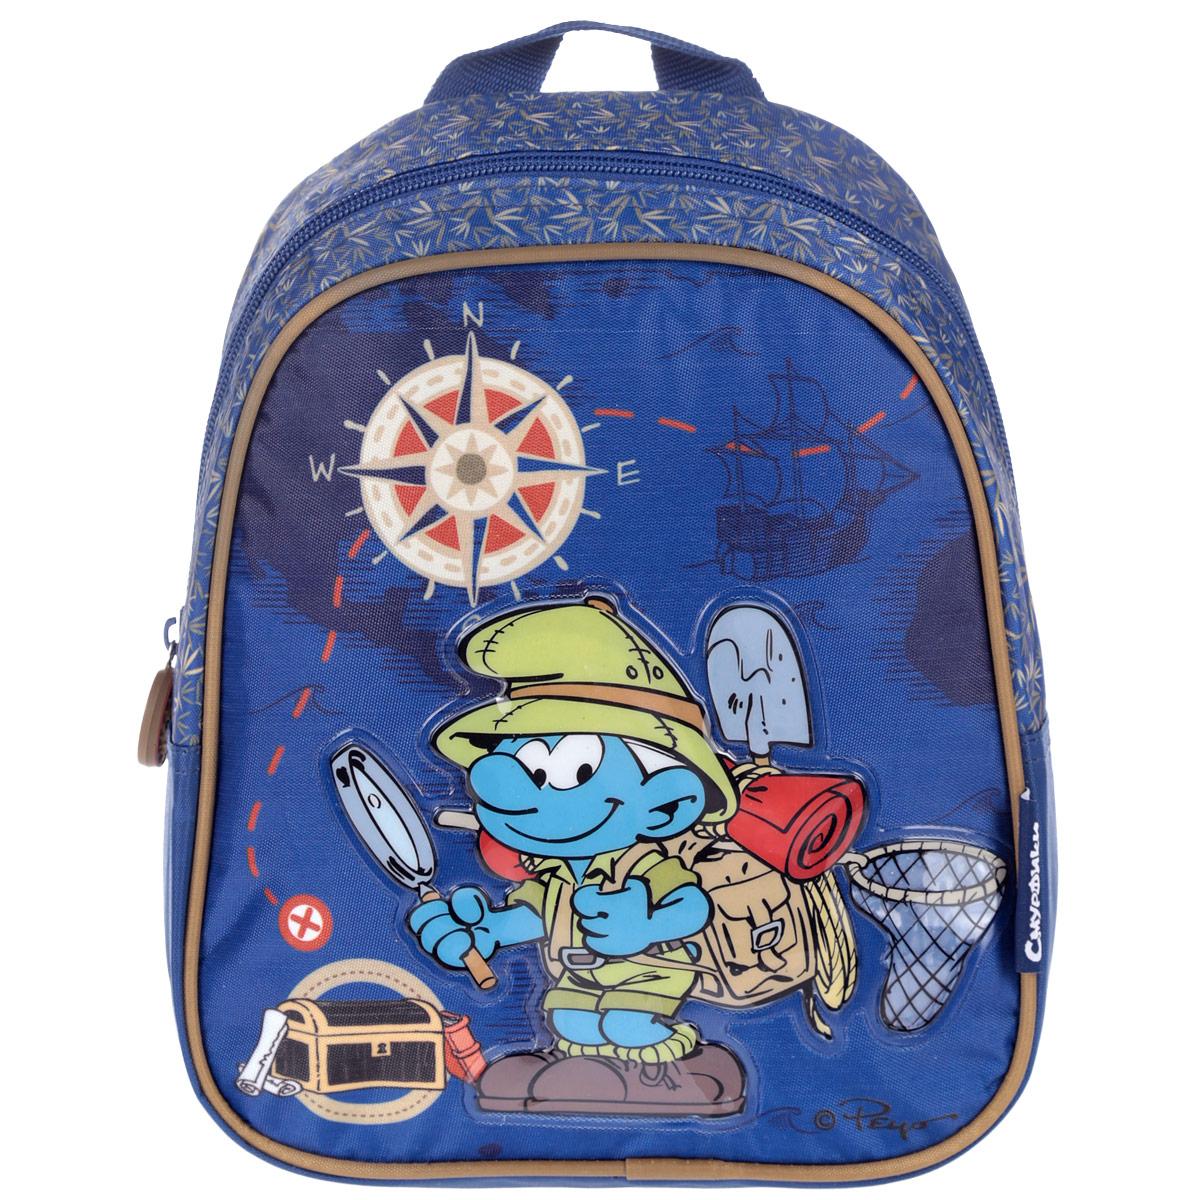 Рюкзак-мини Смурфики, цвет: синий25010Рюкзак-мини Смурфики обязательно пригодится вашему ребенку! Он может взять его с собой на прогулку, в гости или в детский сад. Выполнен рюкзак из износоустойчивой ткани с водонепроницаемой основой, что позволяет ему надежно защищать вещи от влаги и верно служить долгое время. Изделие оформлено объемной аппликацией с изображением смурфика. Содержит одно отделение, закрывающееся на застежку-молнию. Бегунок застежки дополнен прорезиненным держателем. Рюкзак оснащен регулируемыми по длине плечевыми ремнями и дополнен текстильной ручкой для переноски. Рюкзак-мини Смурфики порадует глаз и подарит отличное настроение вашему ребенку, который будет с удовольствием носить в нем свои вещи или любимые игрушки.